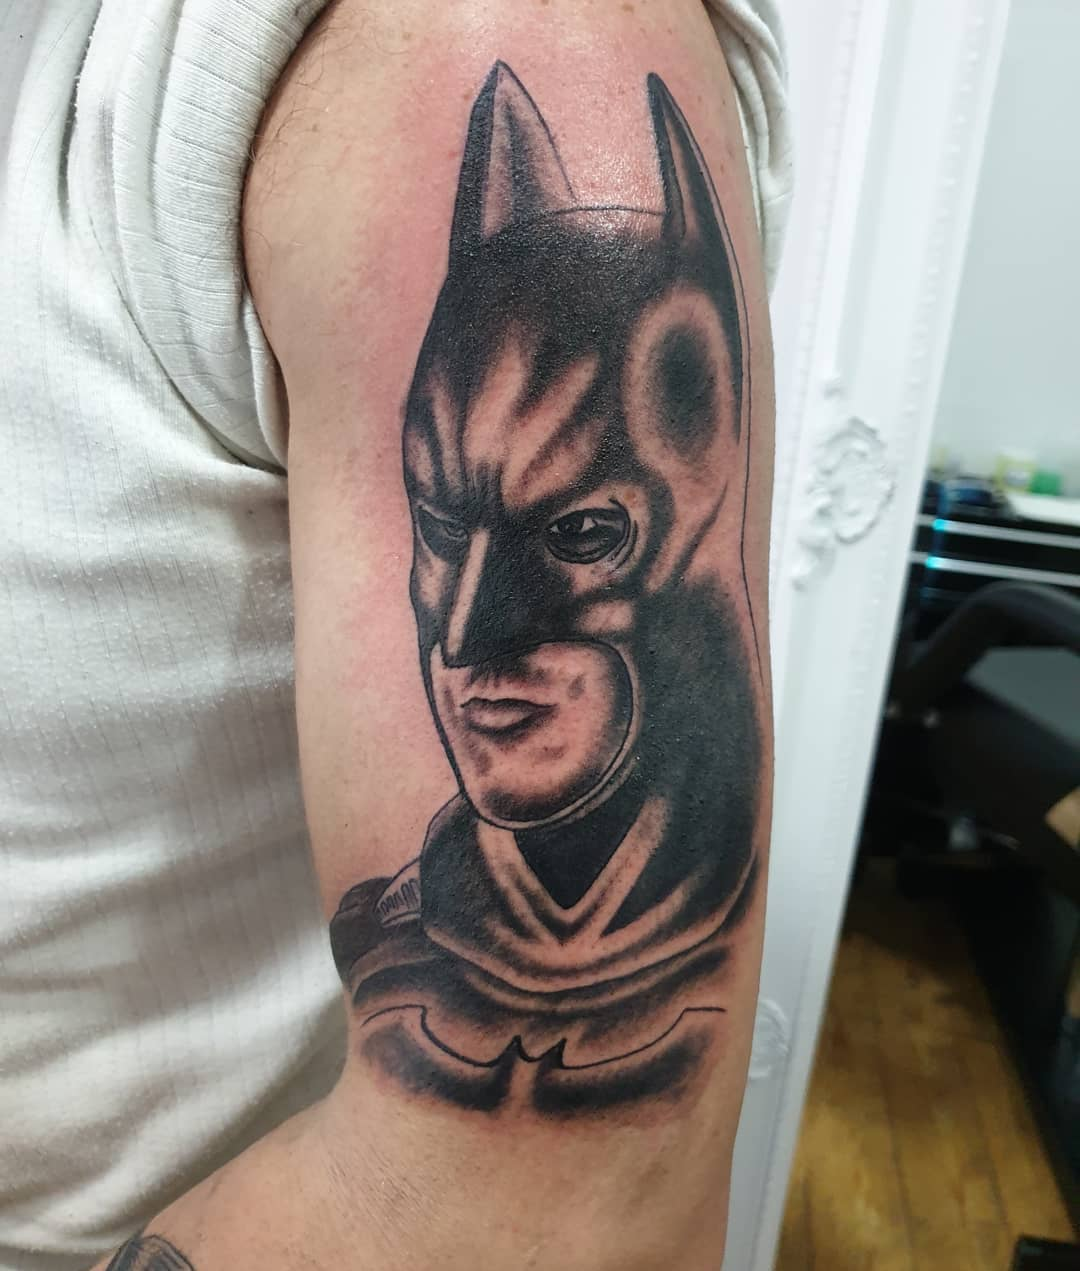 Classic Batman Tattoo